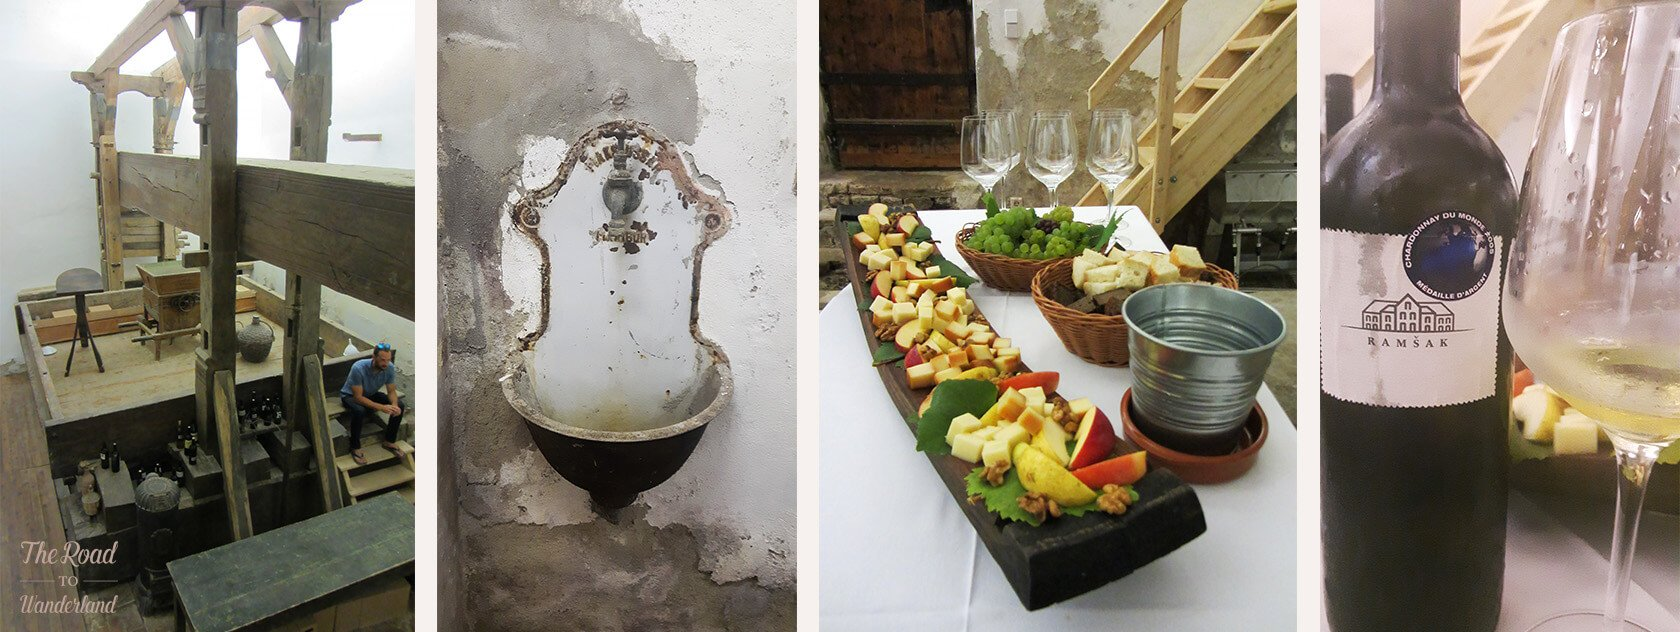 Chateau Ramšak wine tasting